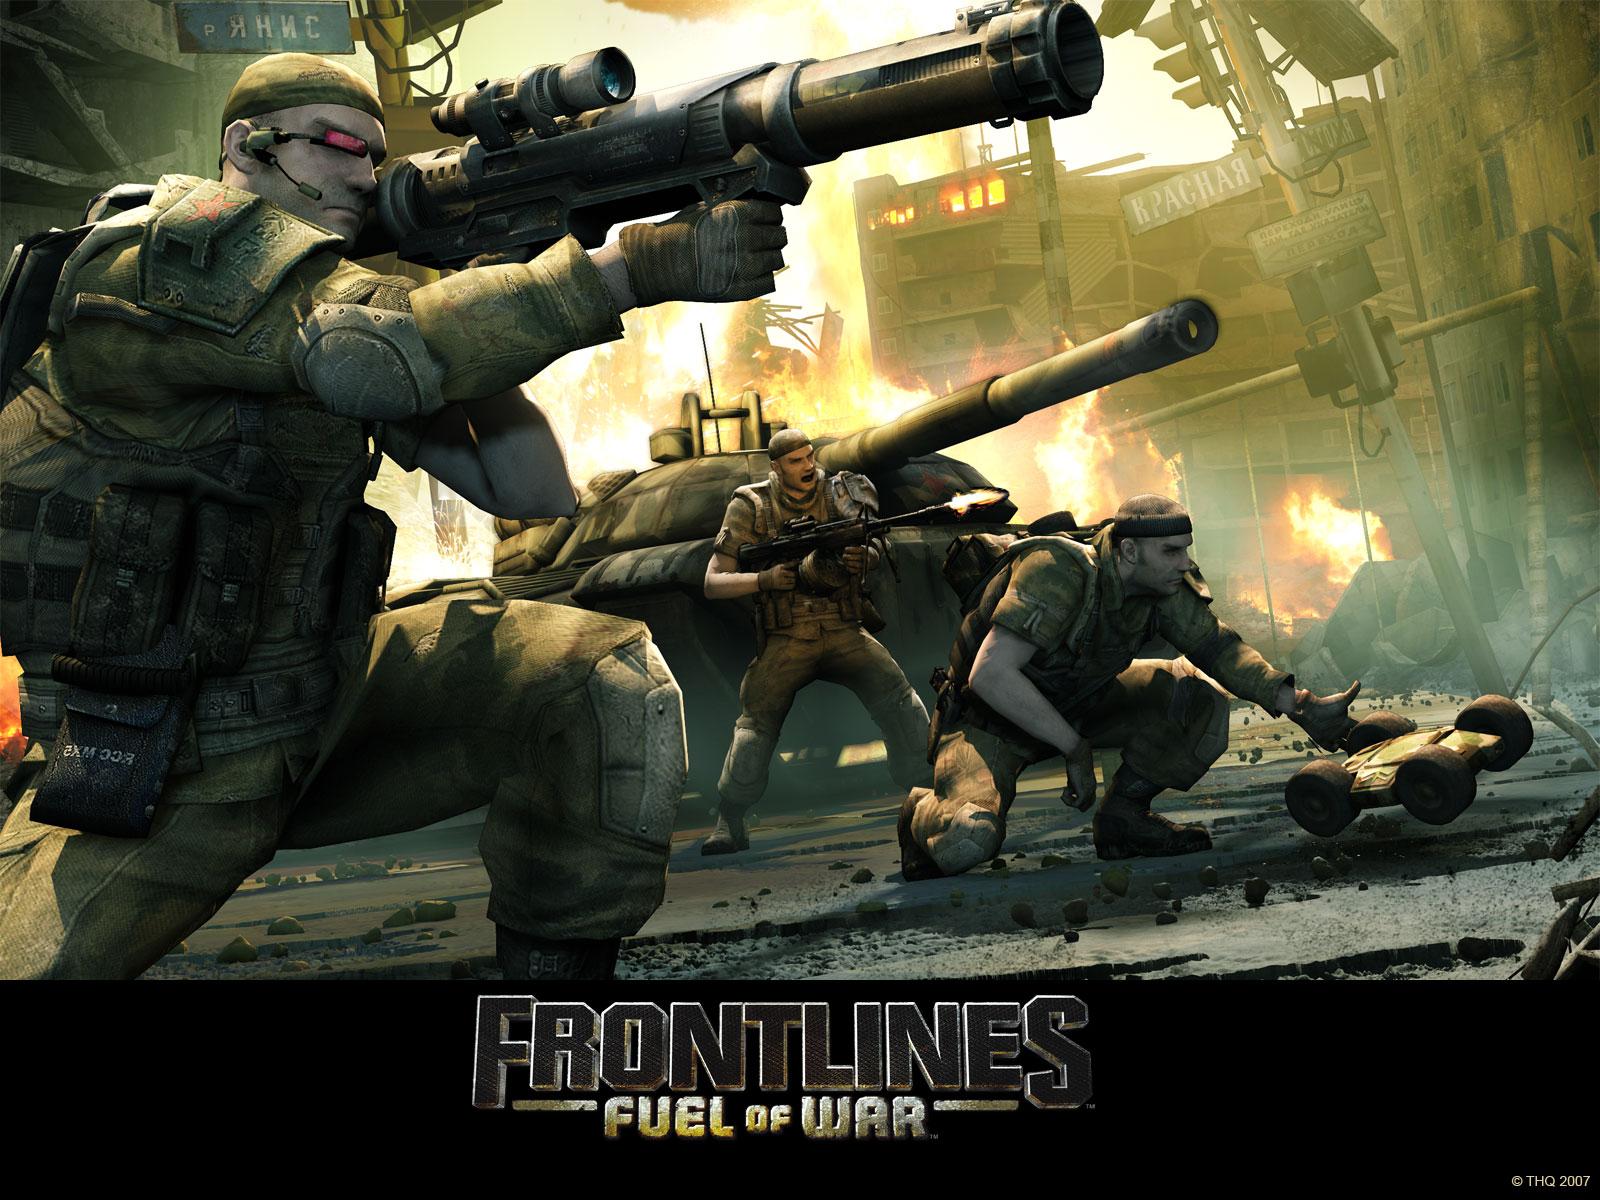 FRONLINES-FUEL OF WAR 16 JUNIO CQB GEDAT 1